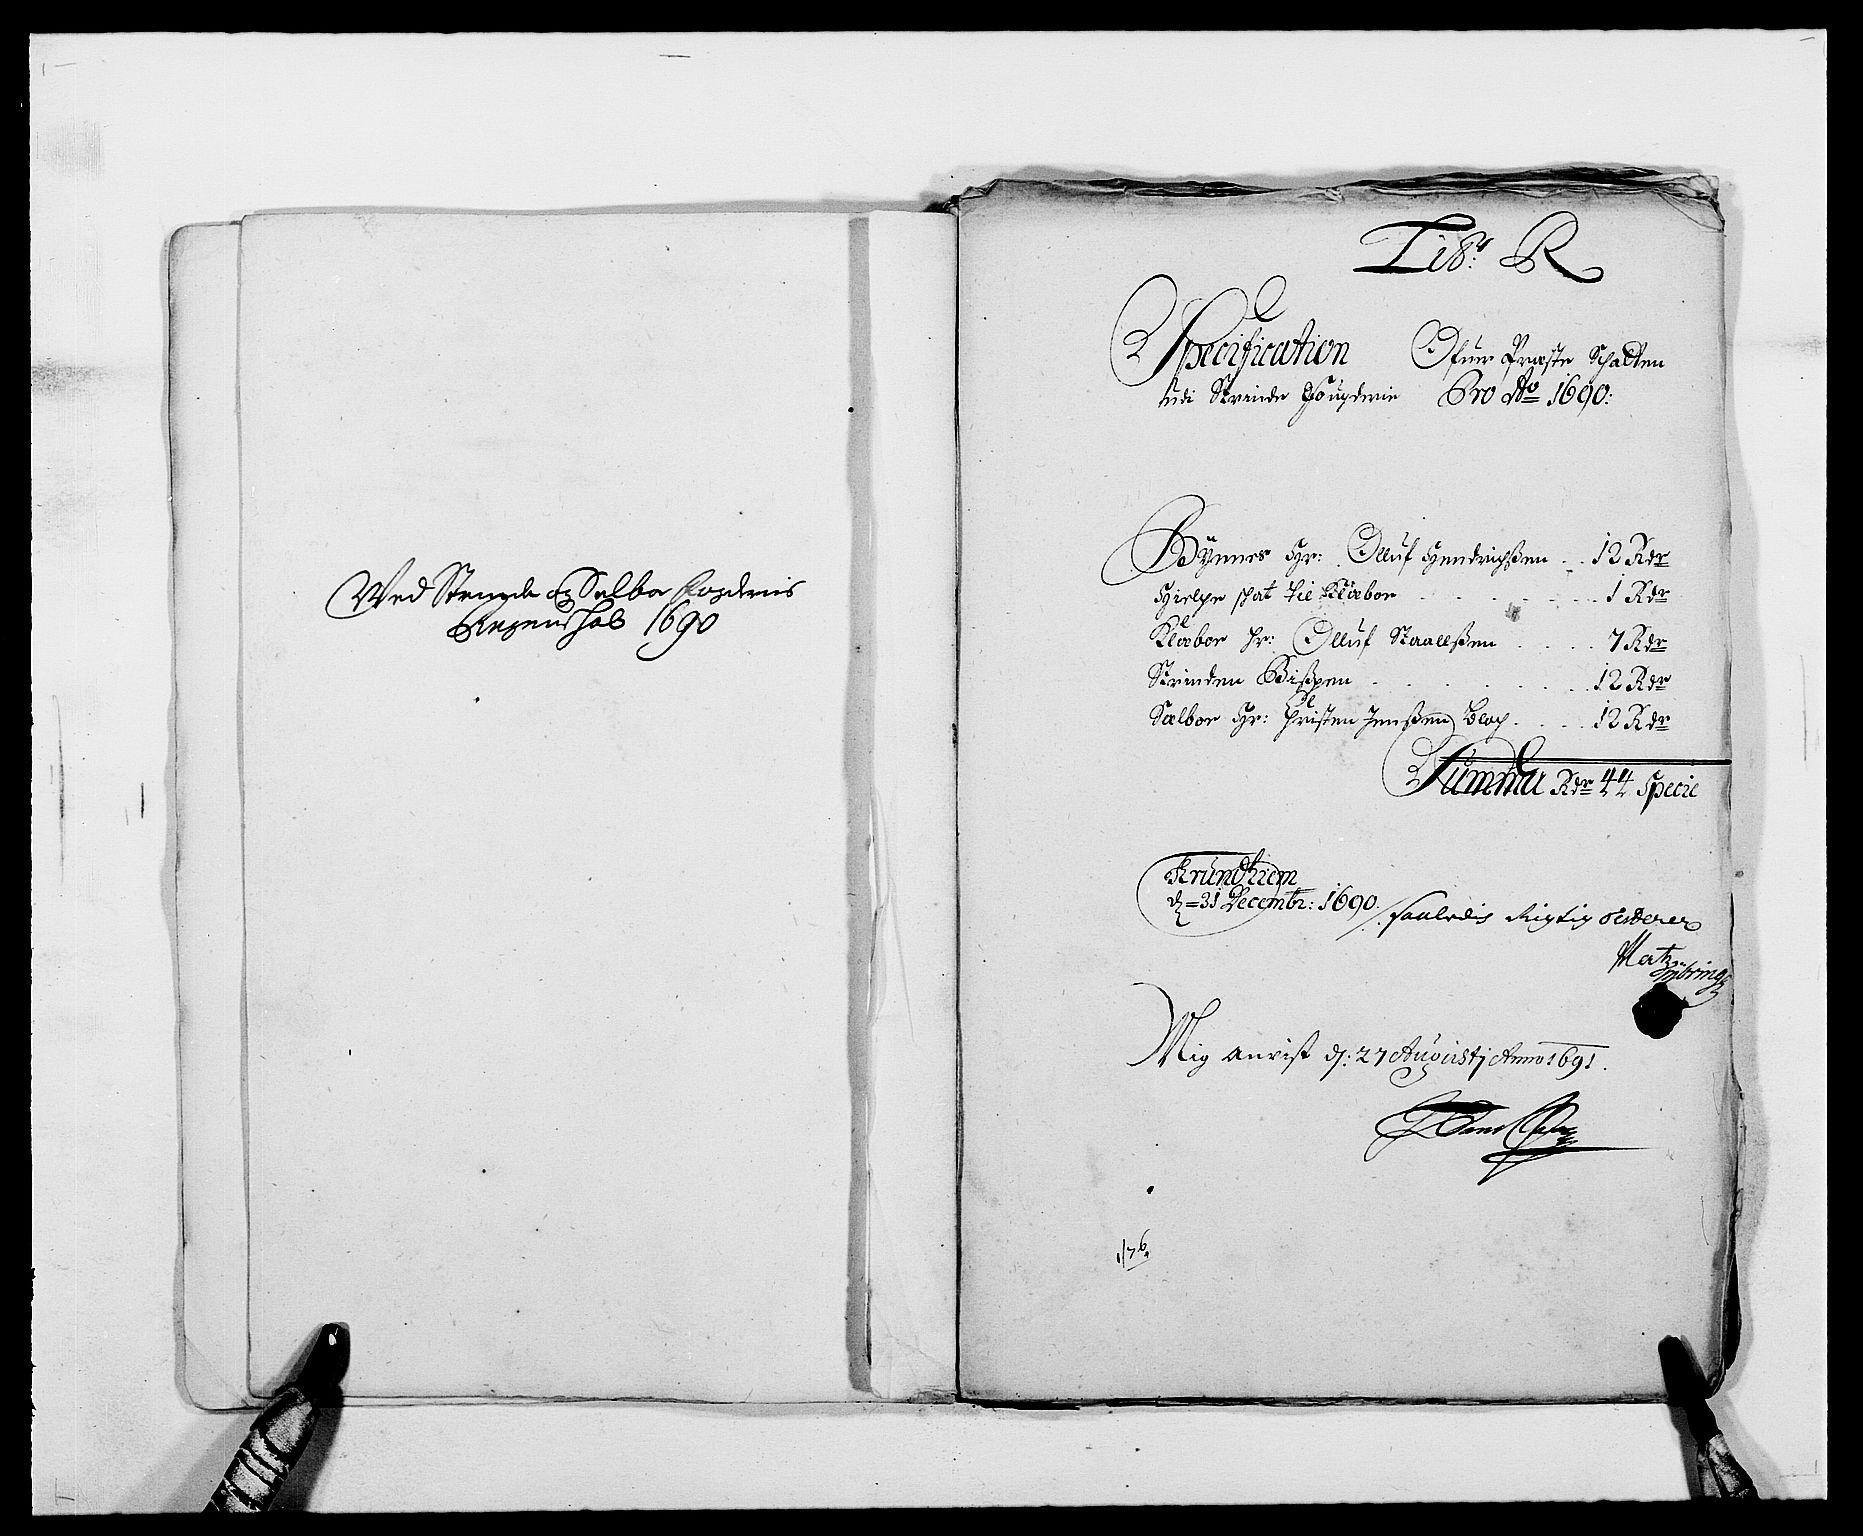 RA, Rentekammeret inntil 1814, Reviderte regnskaper, Fogderegnskap, R61/L4102: Fogderegnskap Strinda og Selbu, 1689-1690, s. 268